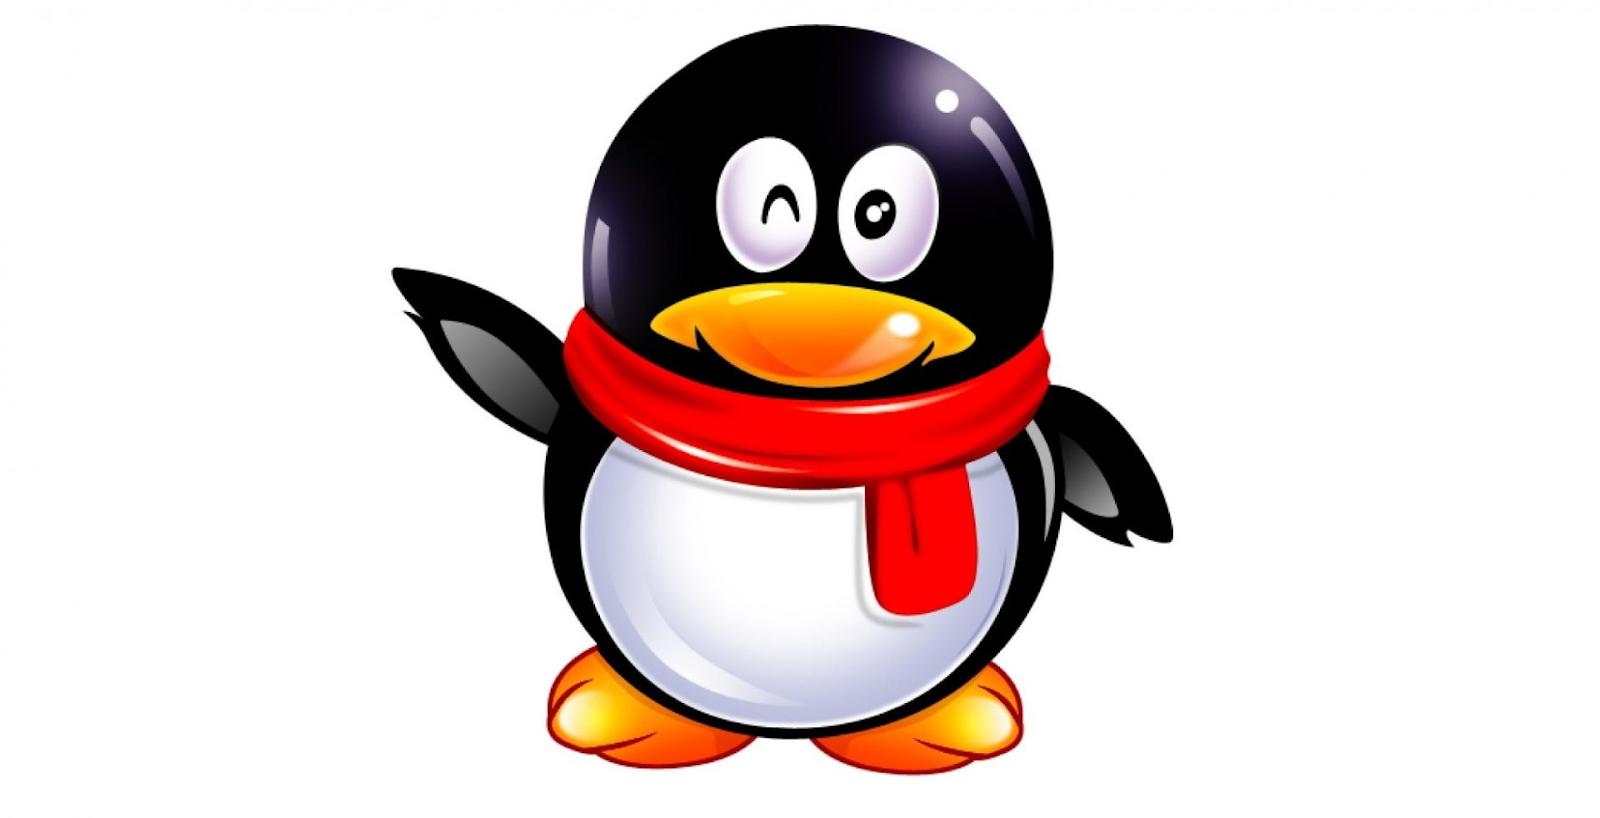 Mạng QQxếp hạng trên toàn thế giới hiện nay là đứng thứ 3 với 860tr người dùng hiện nay. Về tốc độ , sức mạnh và kho lưu trữ điện toán đám mây lên đến 25Gb, cho phép người sử dụng lưu trữ file Trực tuyến.